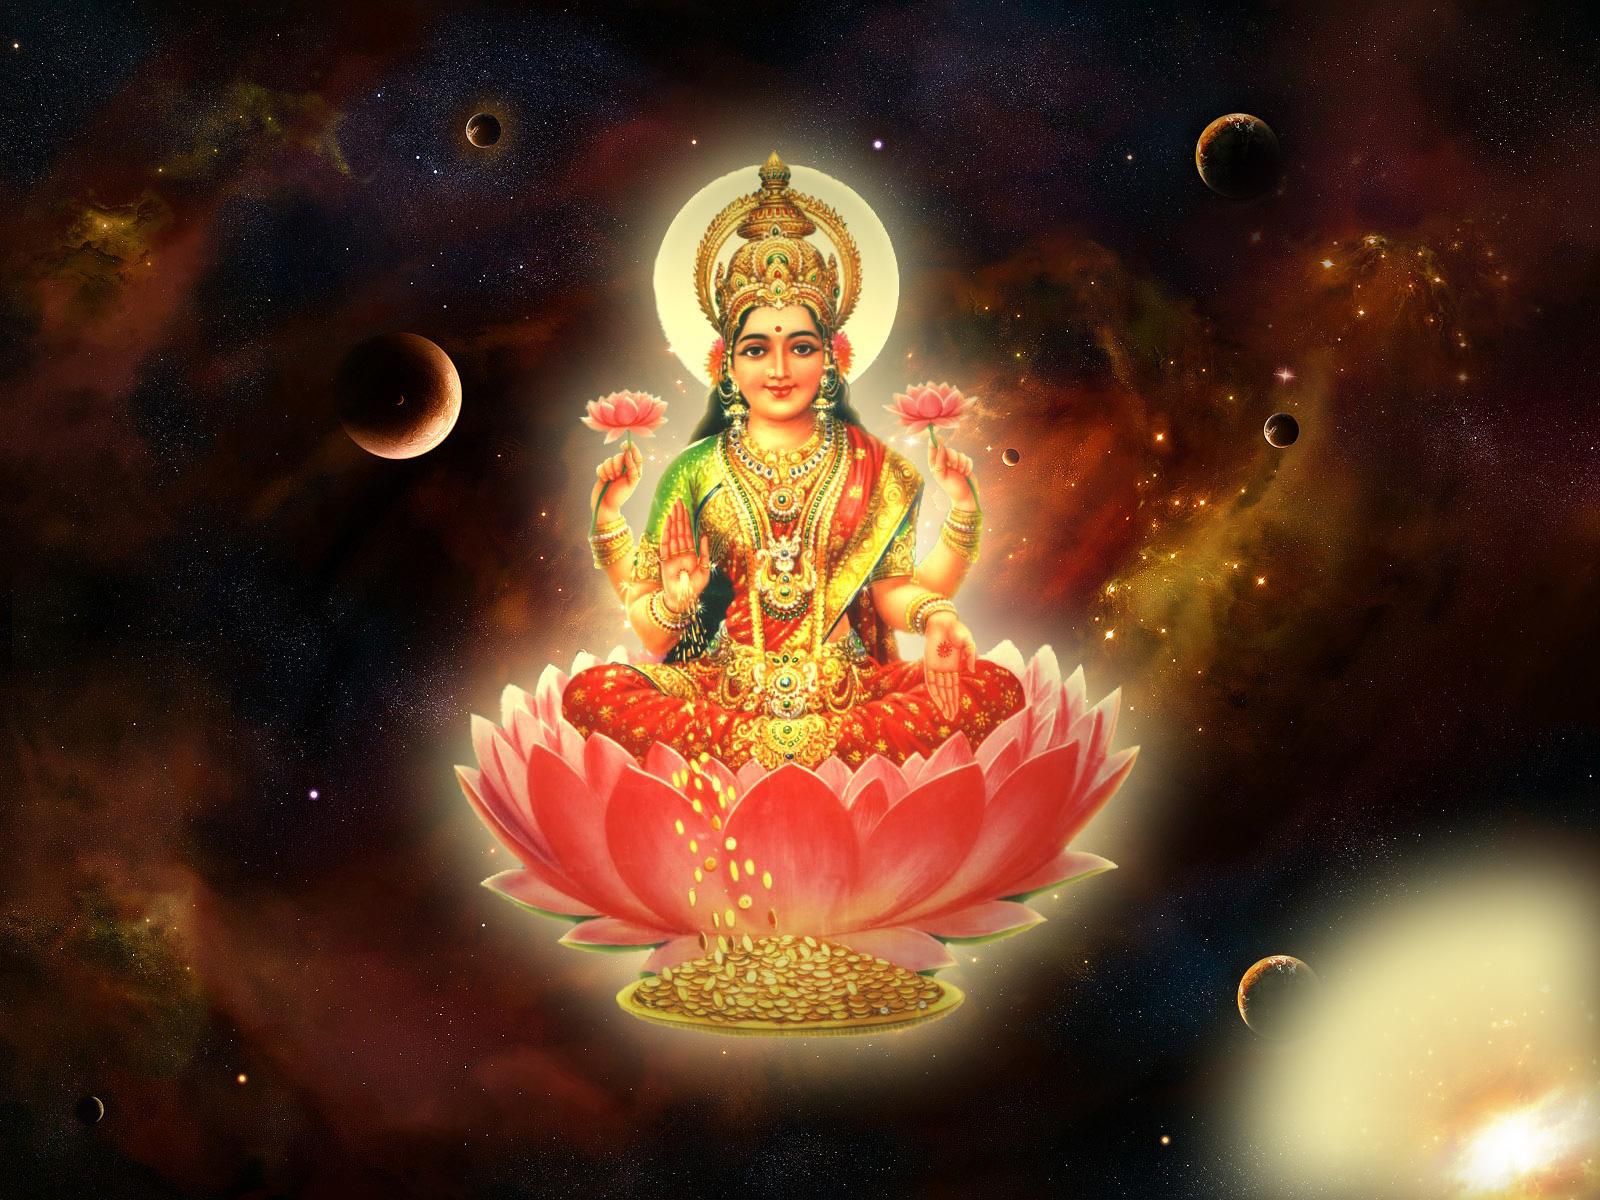 lakshmi mixlakshmi mittal, lakshmi tatma, lakshmi mix, lakshmi mantra, lakshmi menon, lakshmi перевод, lakshmi sahgal, lakshmi казань, lakshmi yoga, lakshmi narayana, lakshmi narayan, lakshmi menon model, lakshmi care, lakshmi manchu, lakshmi bai, lakshmi niwas mittal, lakshmi pranathi, lakshmi кингисепп, lakshmi group, lakshmi enterprises